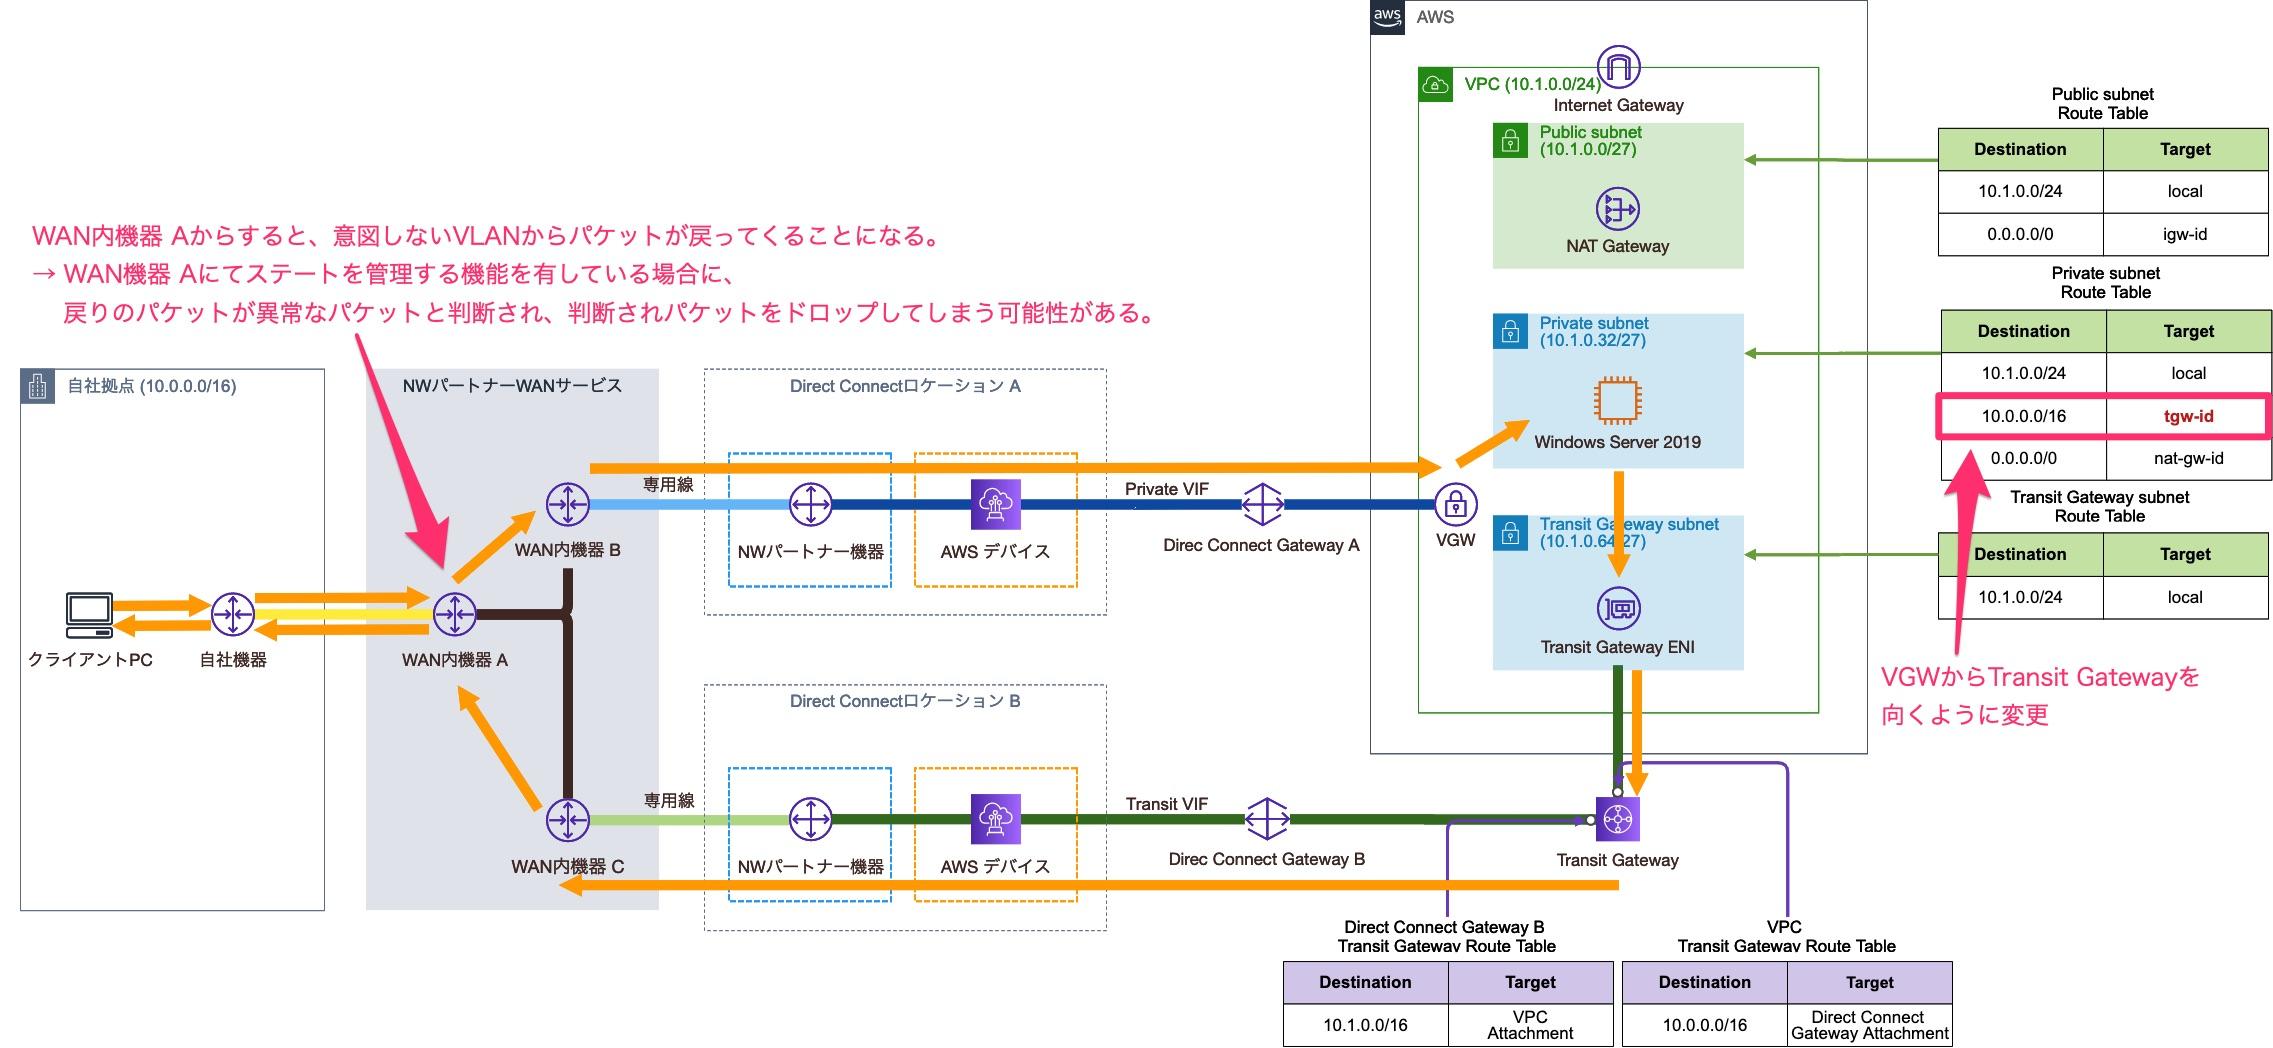 VPCのルートテーブル設定変更後の通信経路